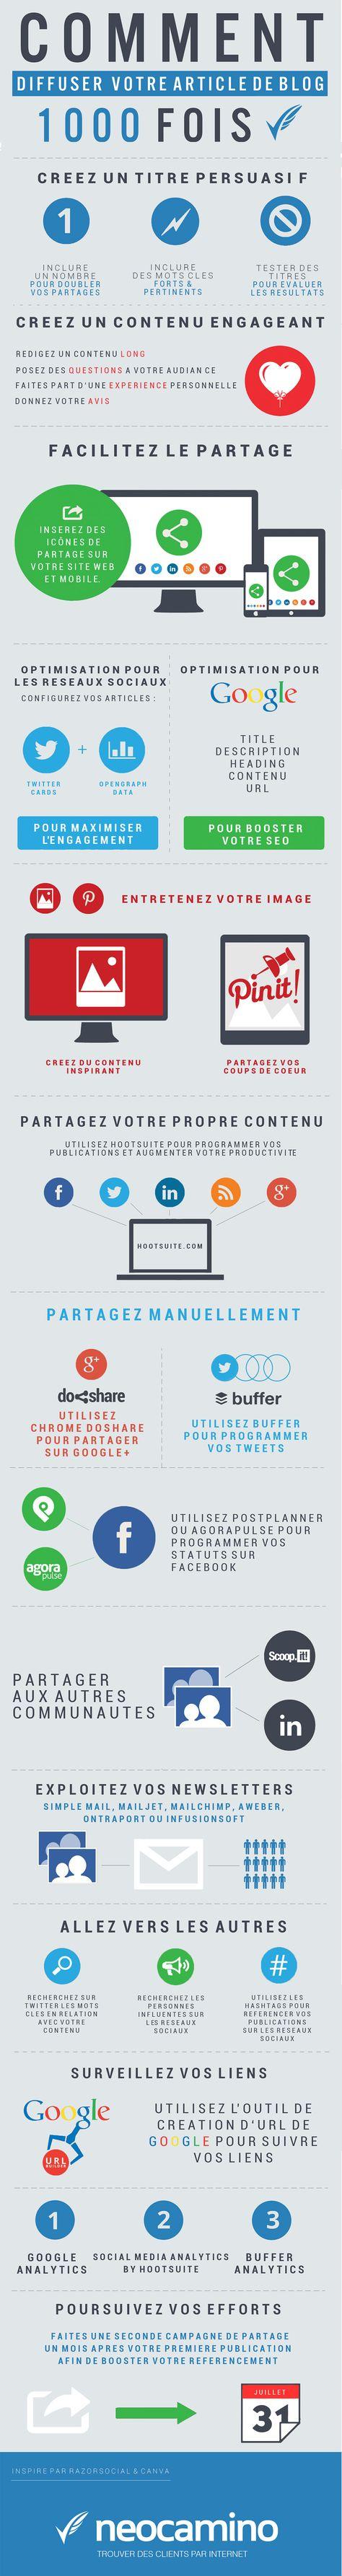 Infographie : comment diffuser votre article de blog 1000 fois ?